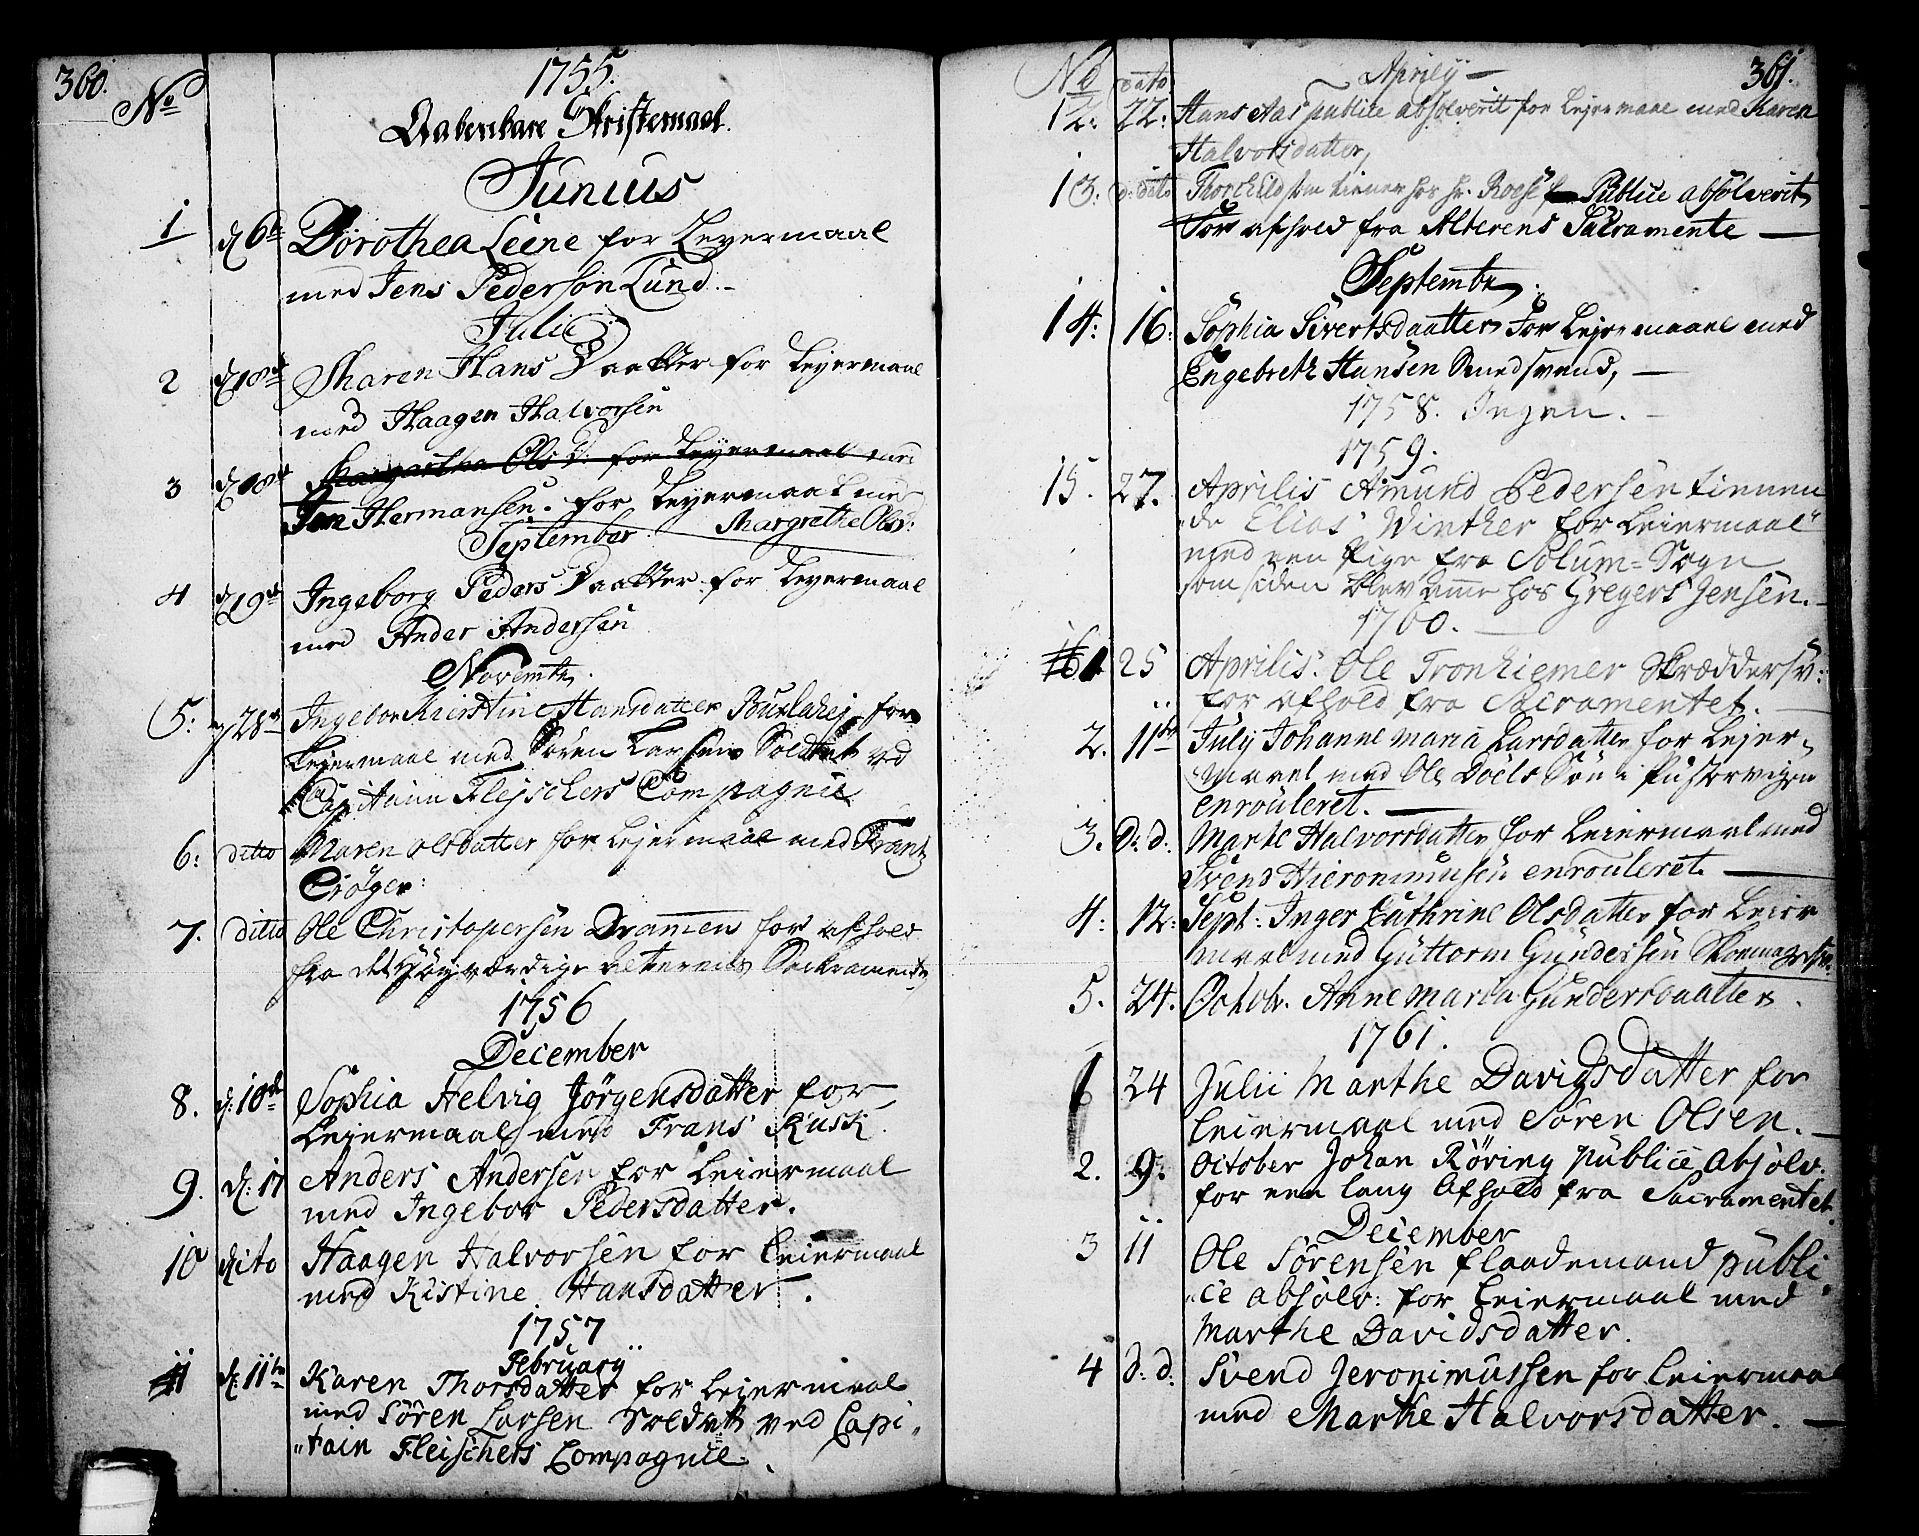 SAKO, Skien kirkebøker, F/Fa/L0003: Ministerialbok nr. 3, 1755-1791, s. 360-361